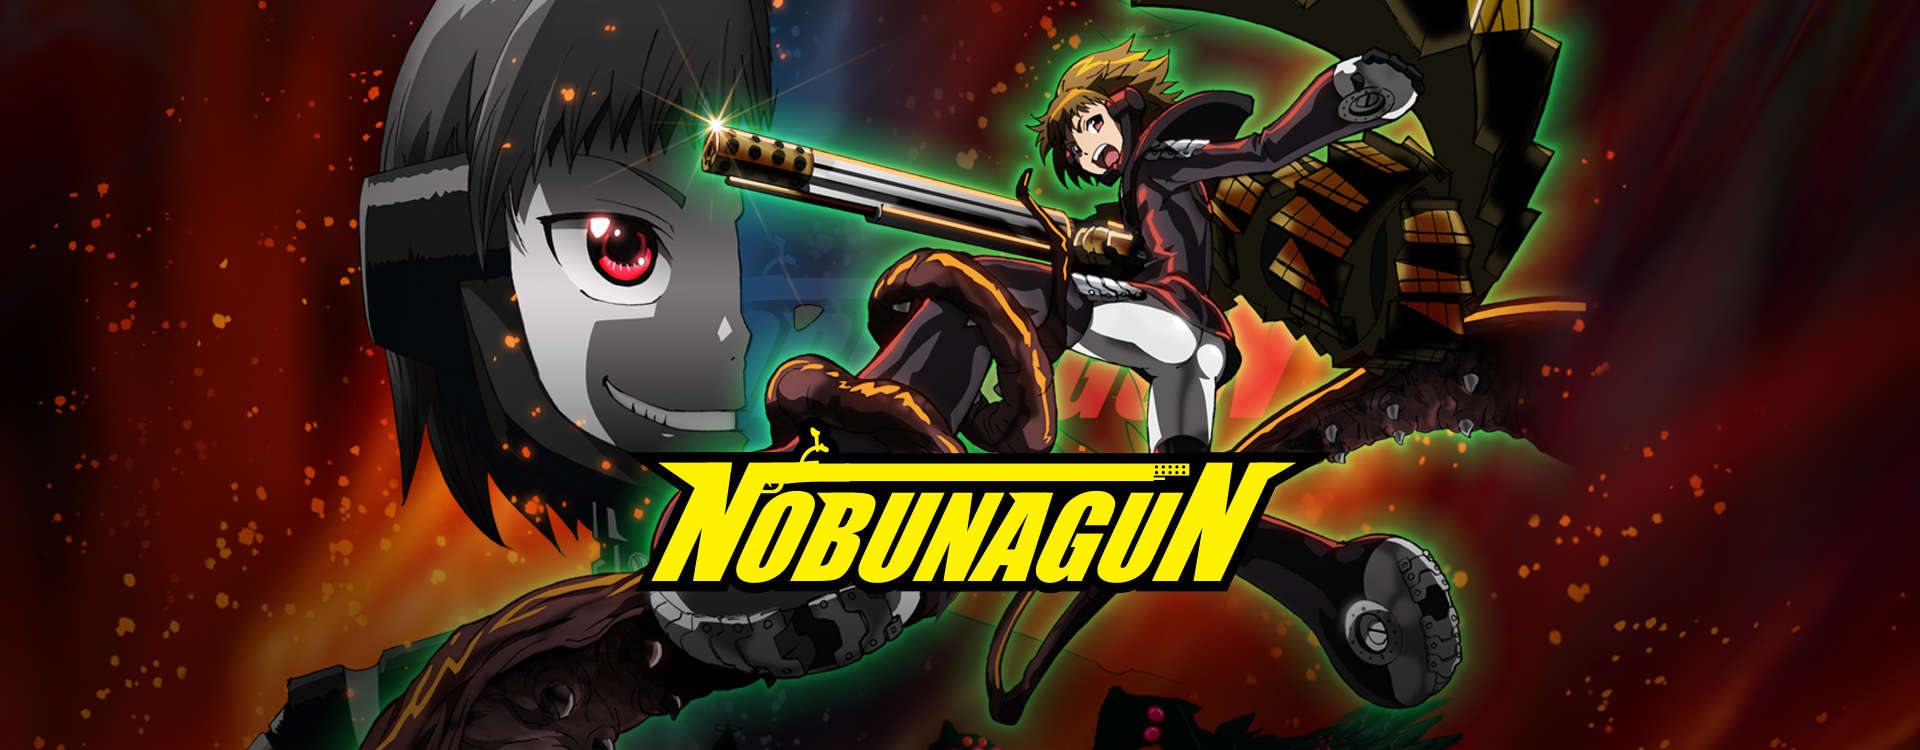 Nobunagun